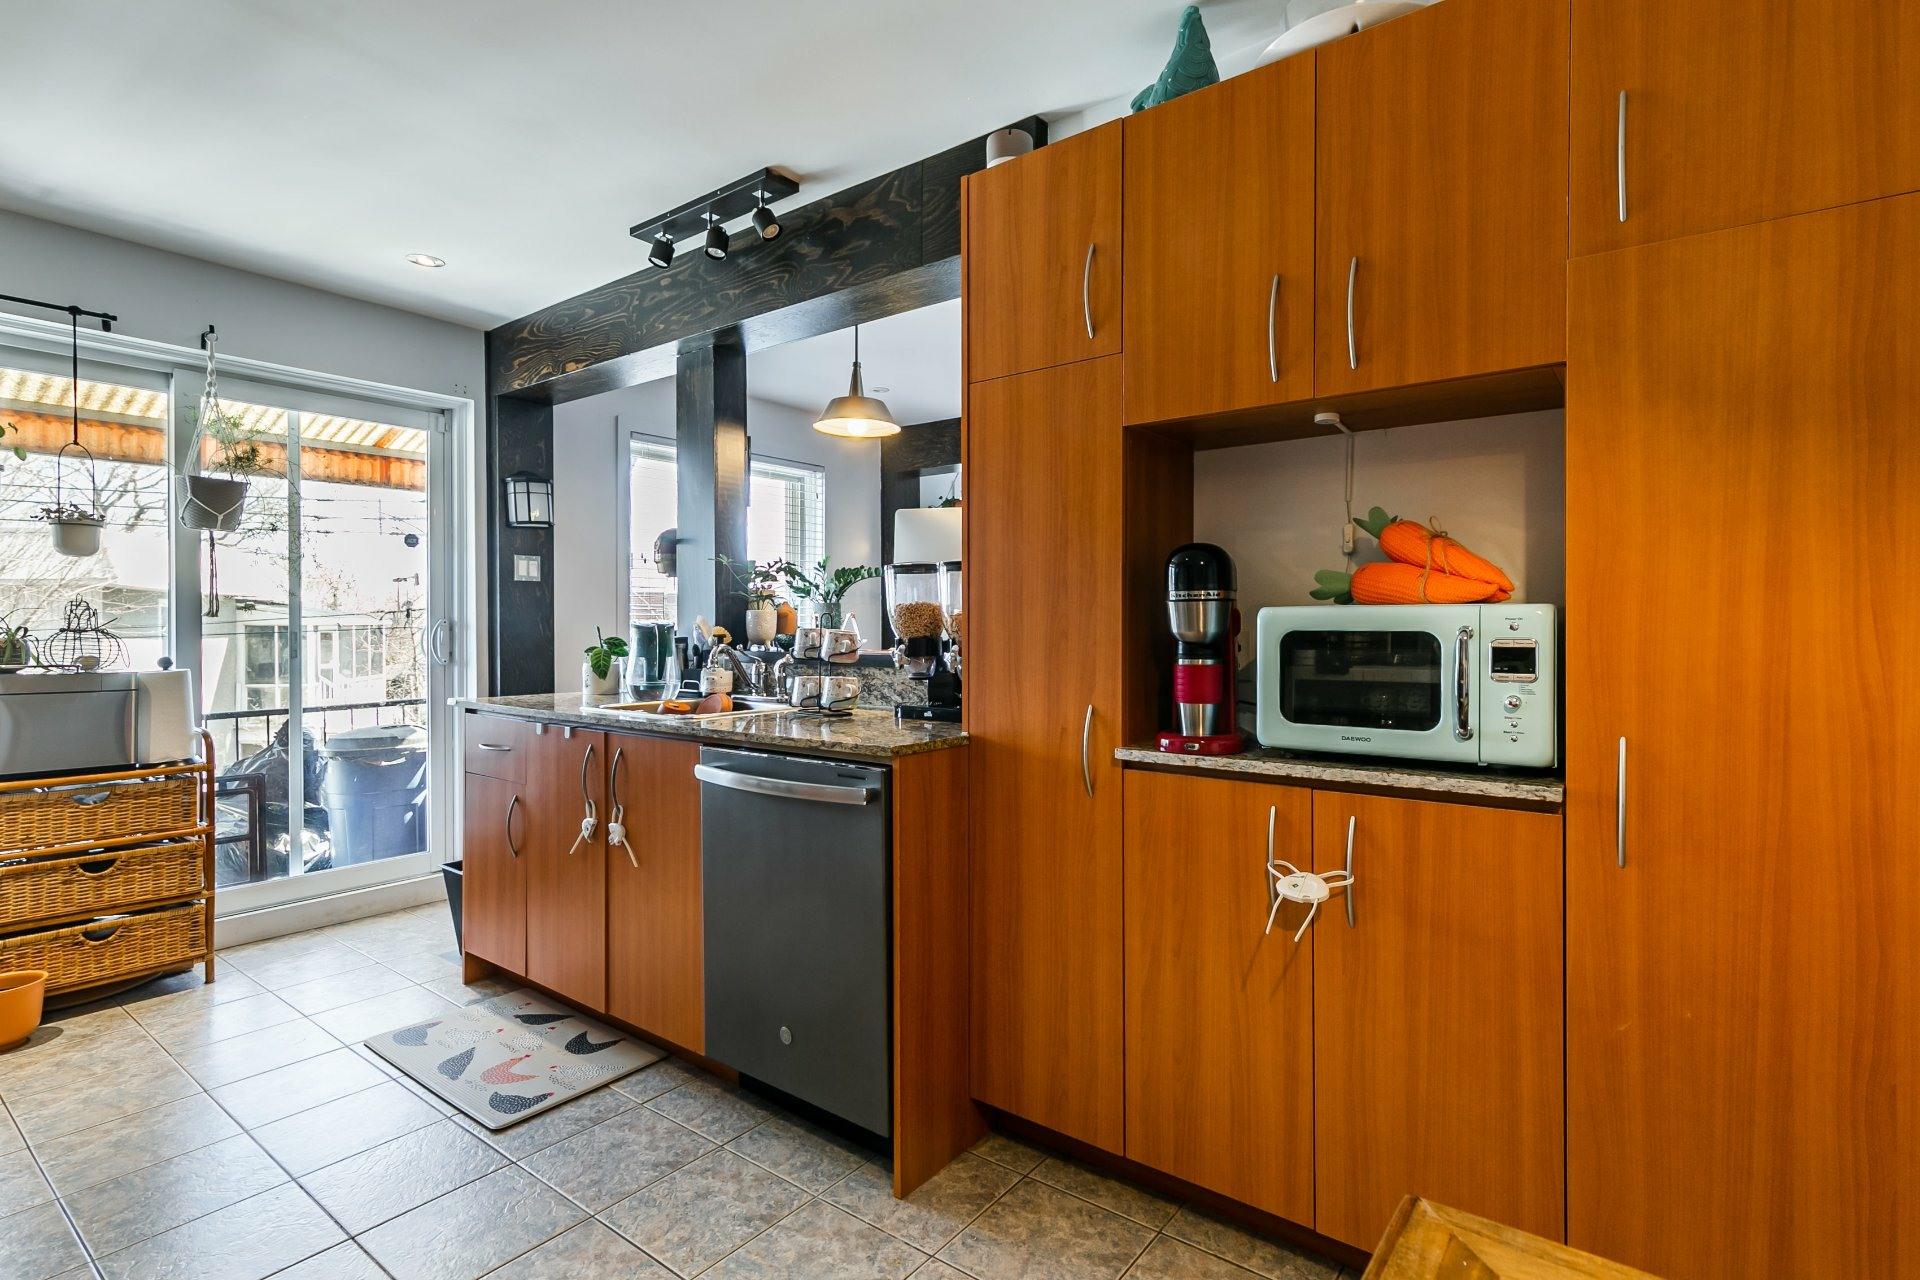 image 6 - Appartement À louer Anjou Montréal  - 5 pièces